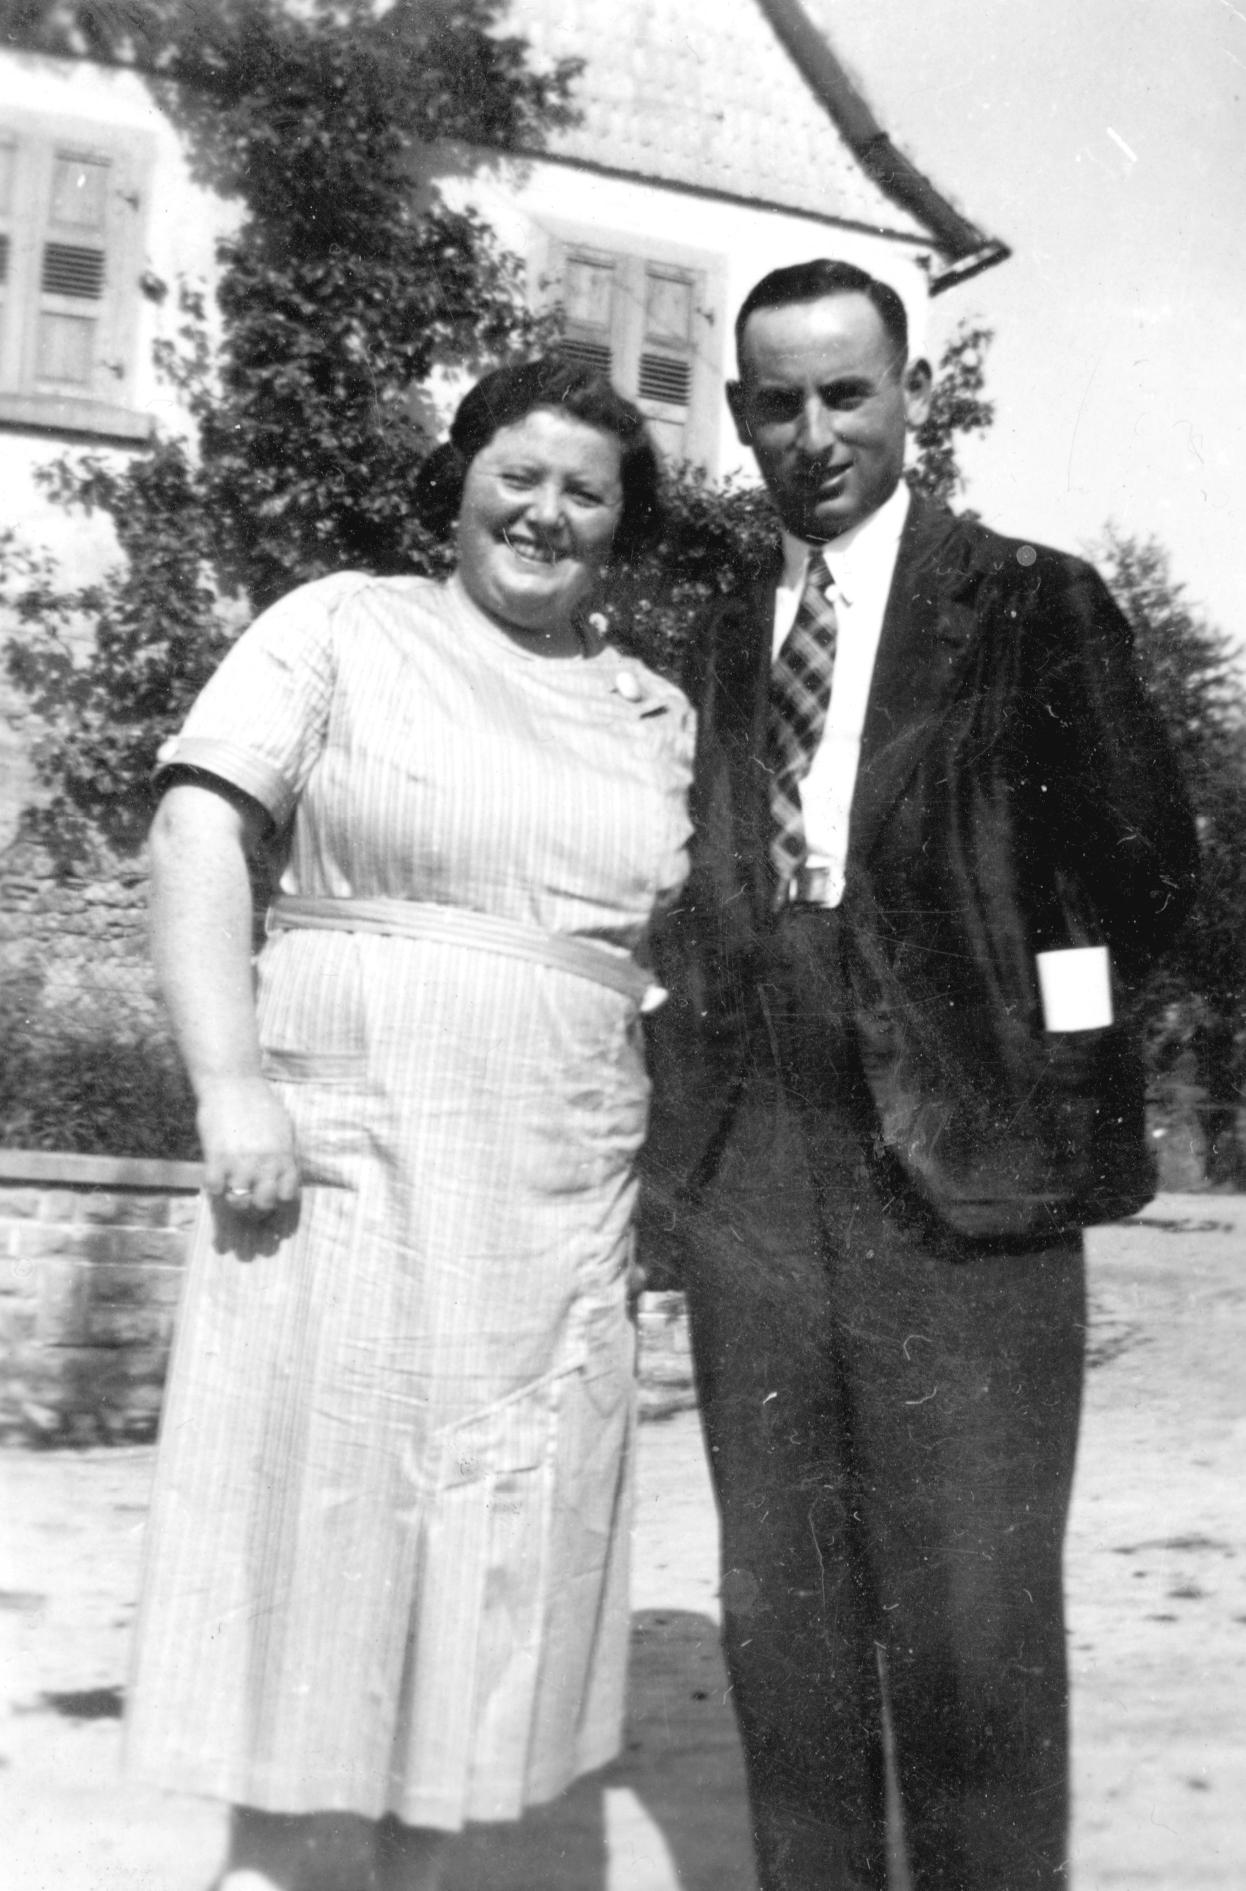 Irwin und Erna Stein in Neidenstein.